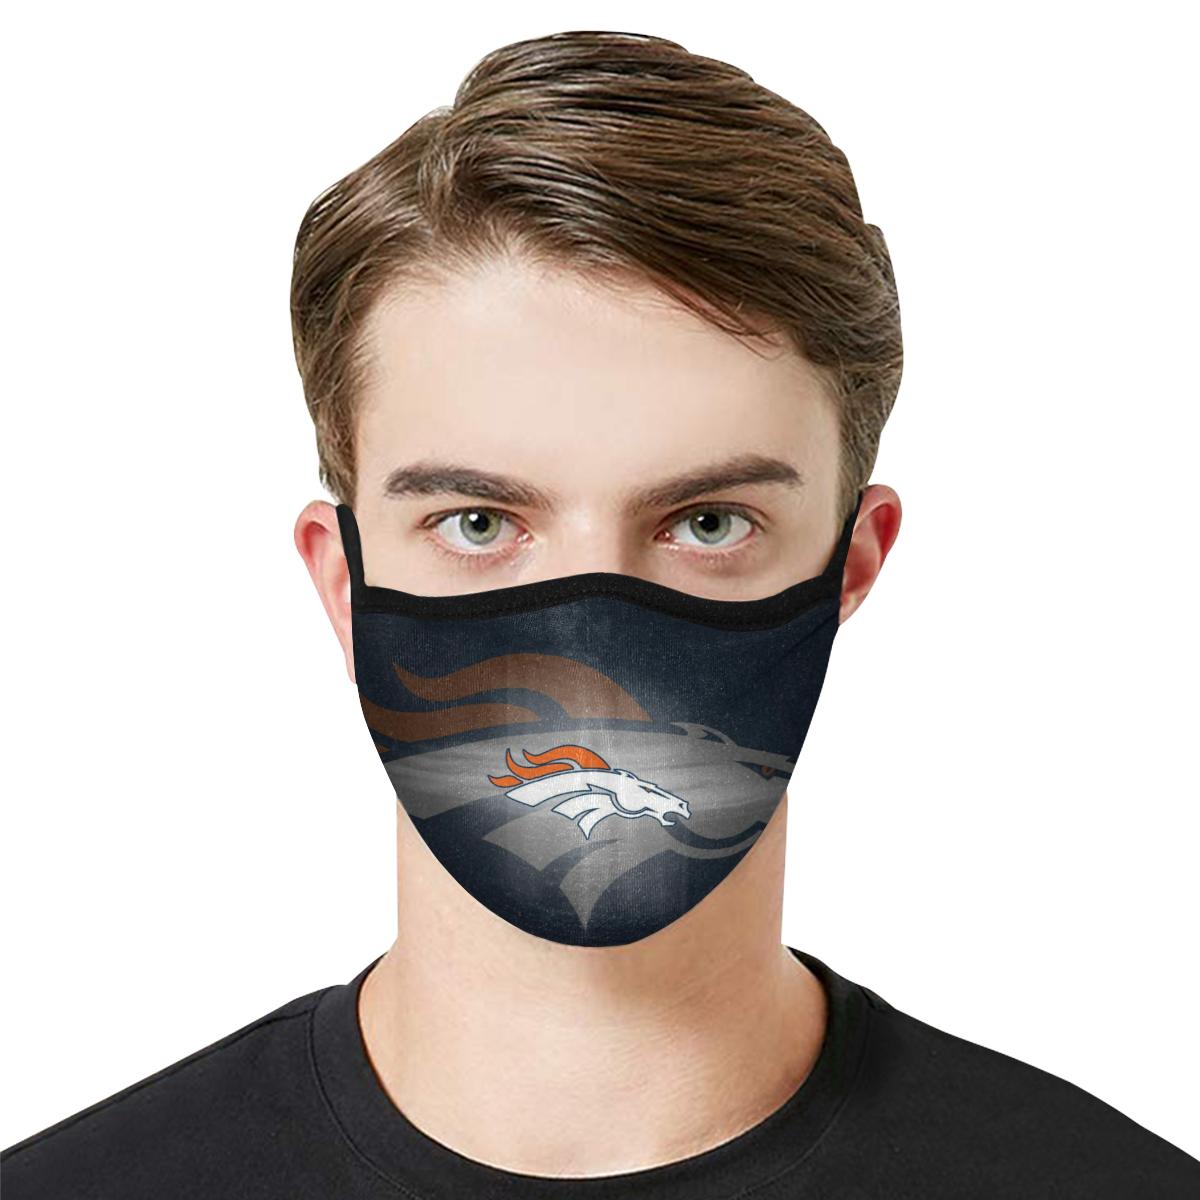 Denver Broncos Face Mask PM2.5